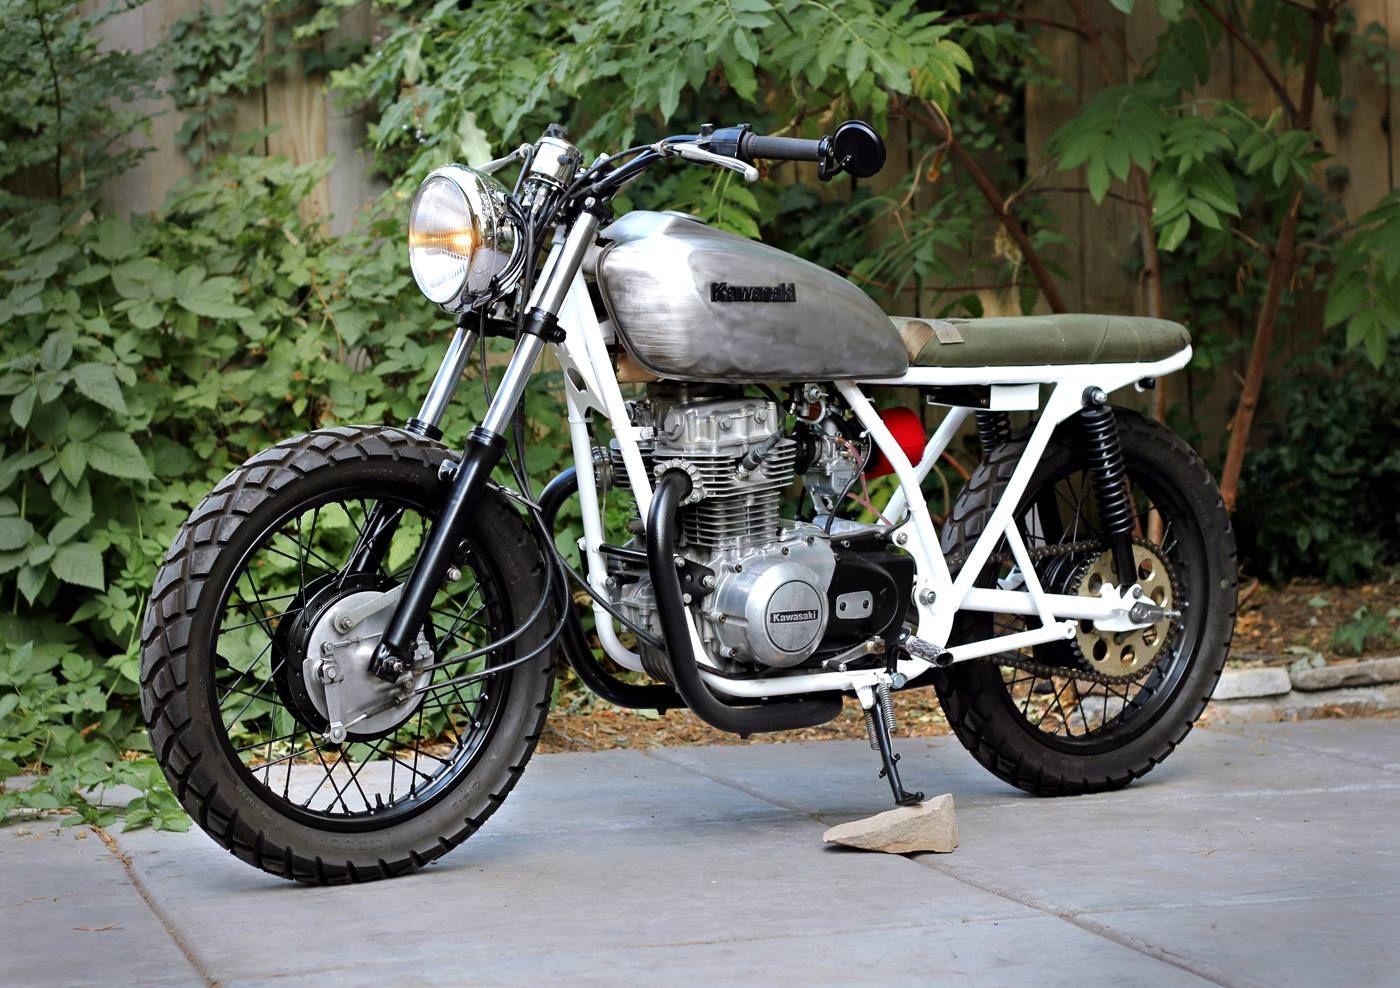 Barreto Moto's Kz400